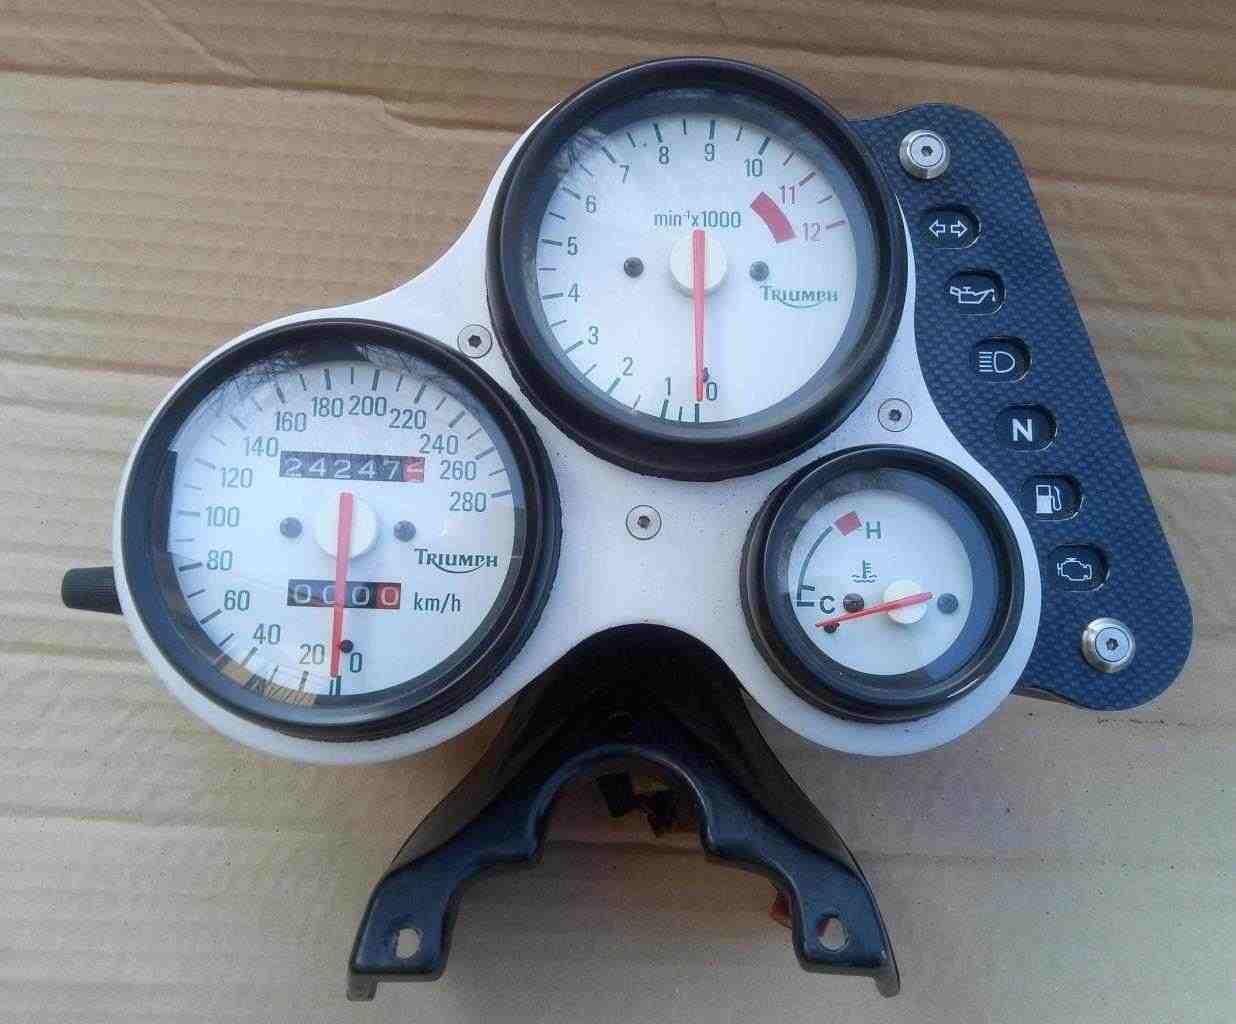 Strumentazione Triumph Speed Triple 955 anno 2000